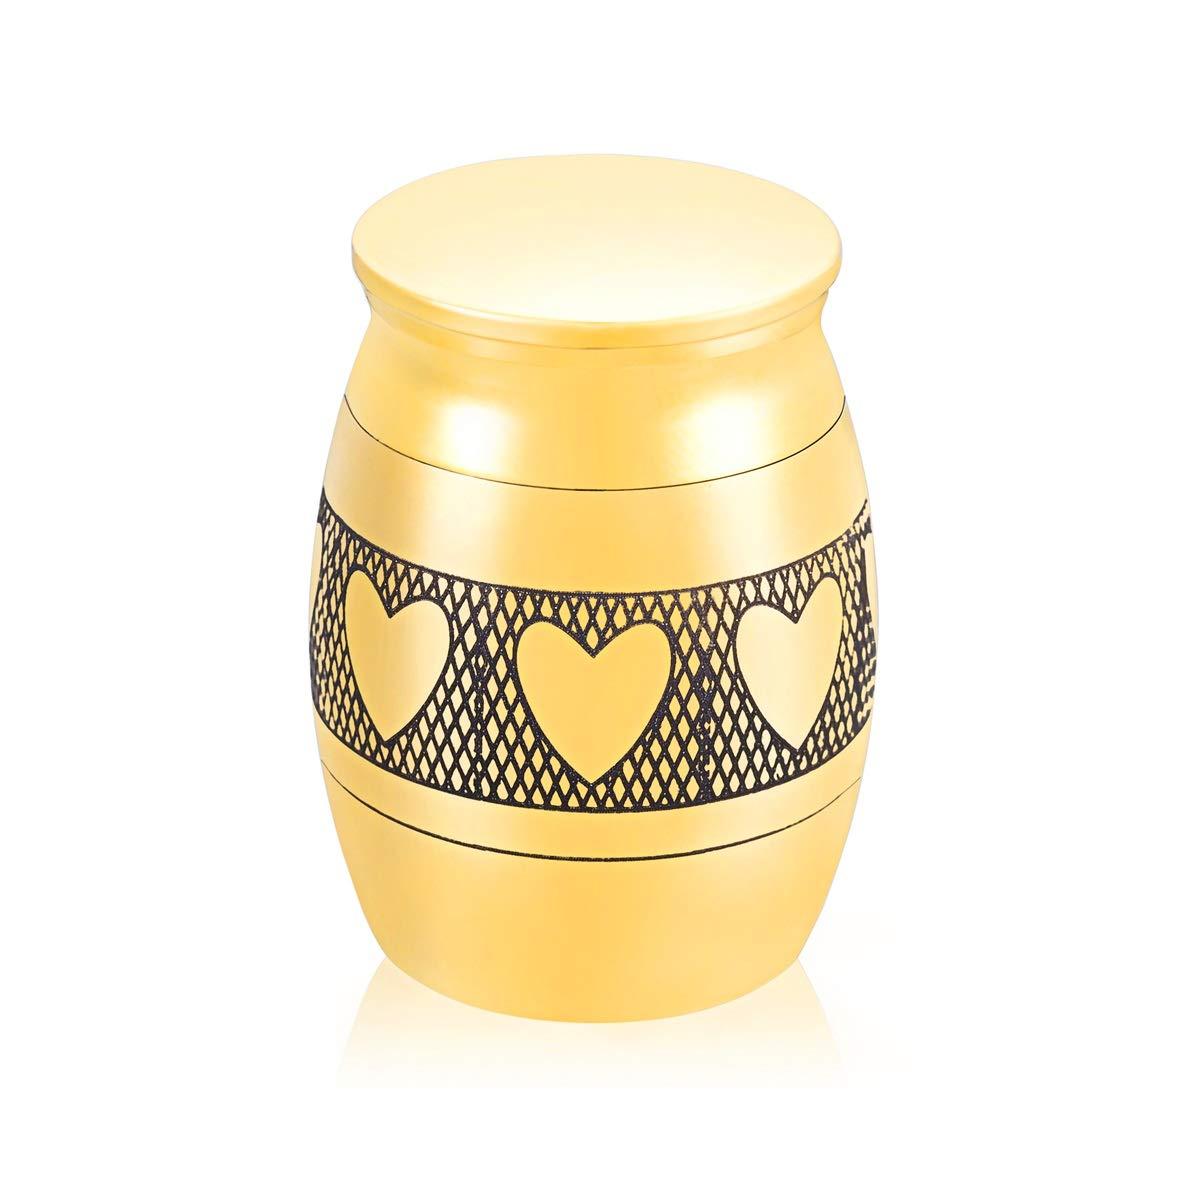 HooAMI Mini Urne Funeraire Chien Chat Gravé en Acier inxydable Ouvert Cadeau pour Amis des Gens 40mmx30mm Noir Best-shopping B0A0EA1SV6